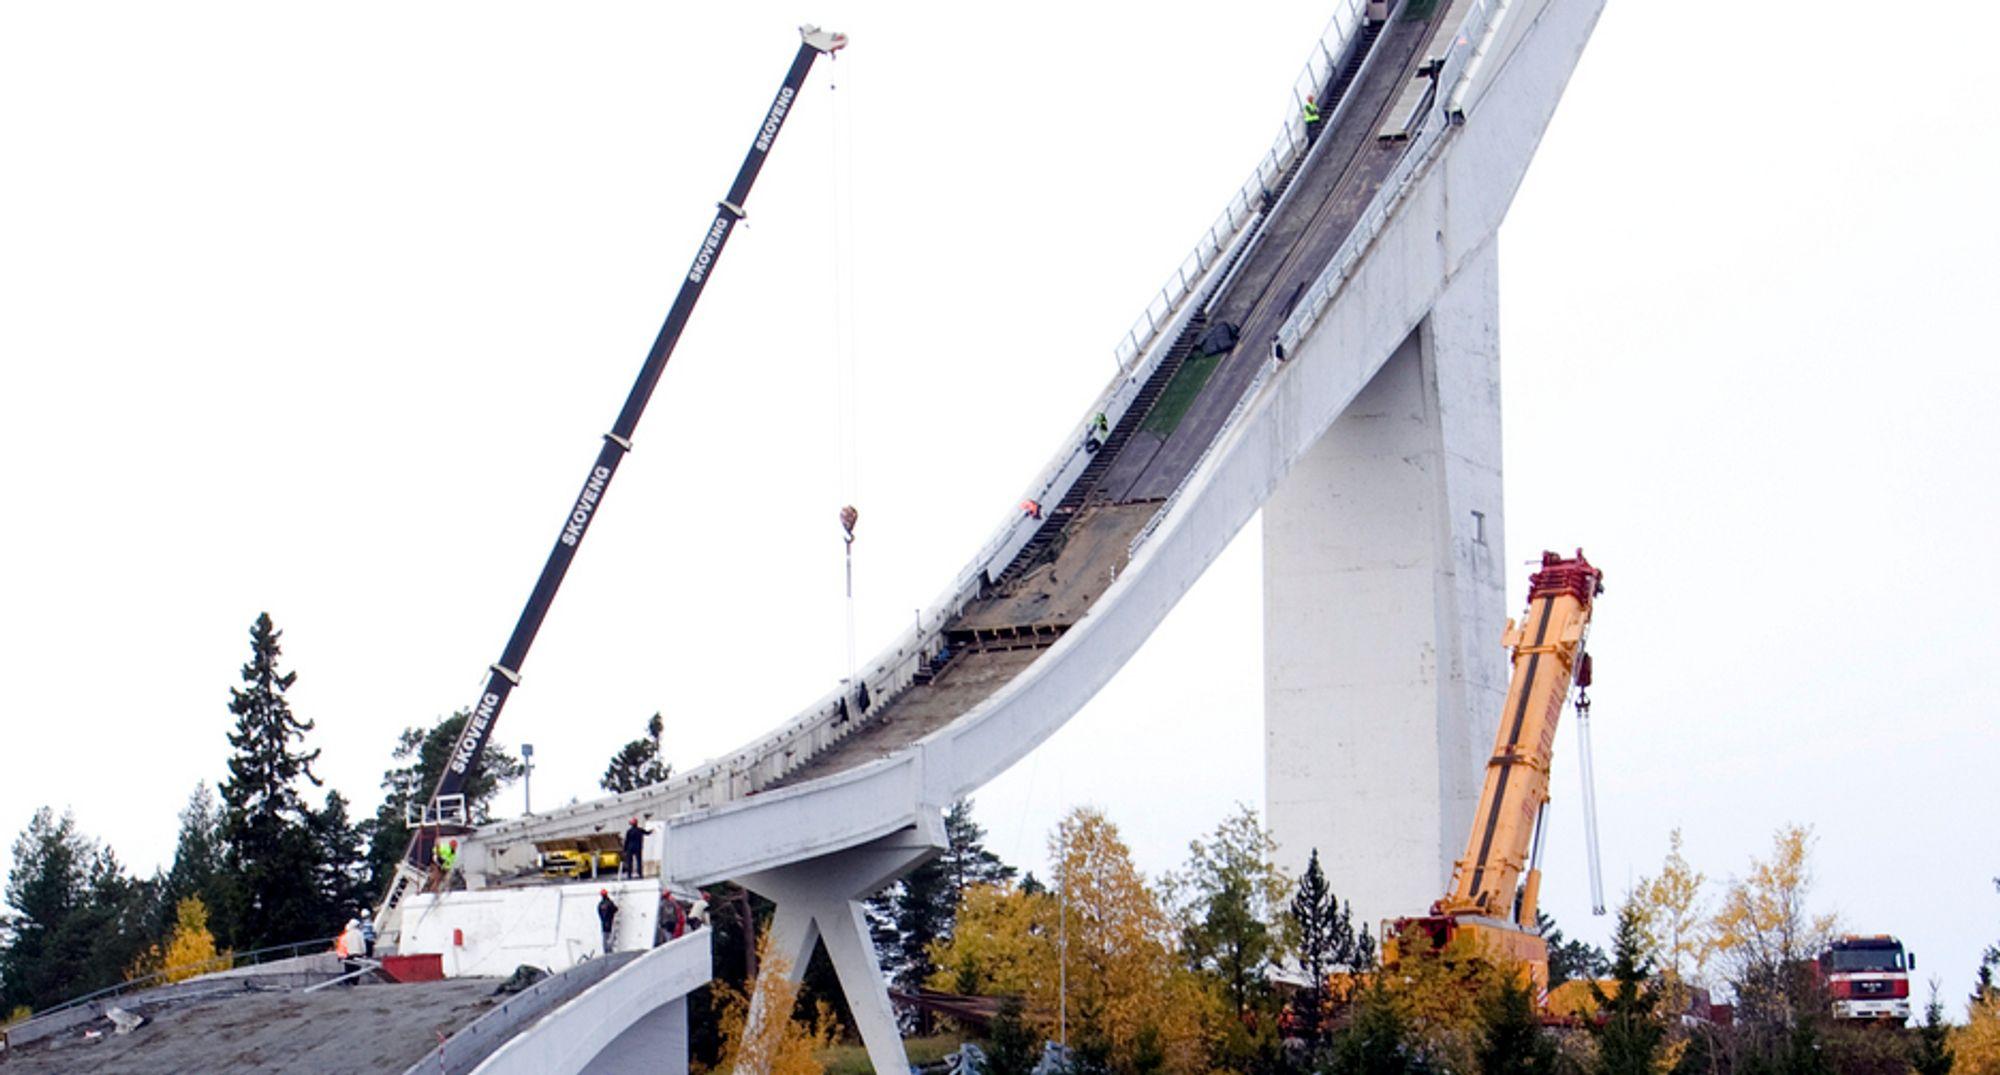 Klokka 16.30 i ettermiddag starter demonteringen av Oslos mest kjente landemerke - hopptårnet i Holmenkollen.